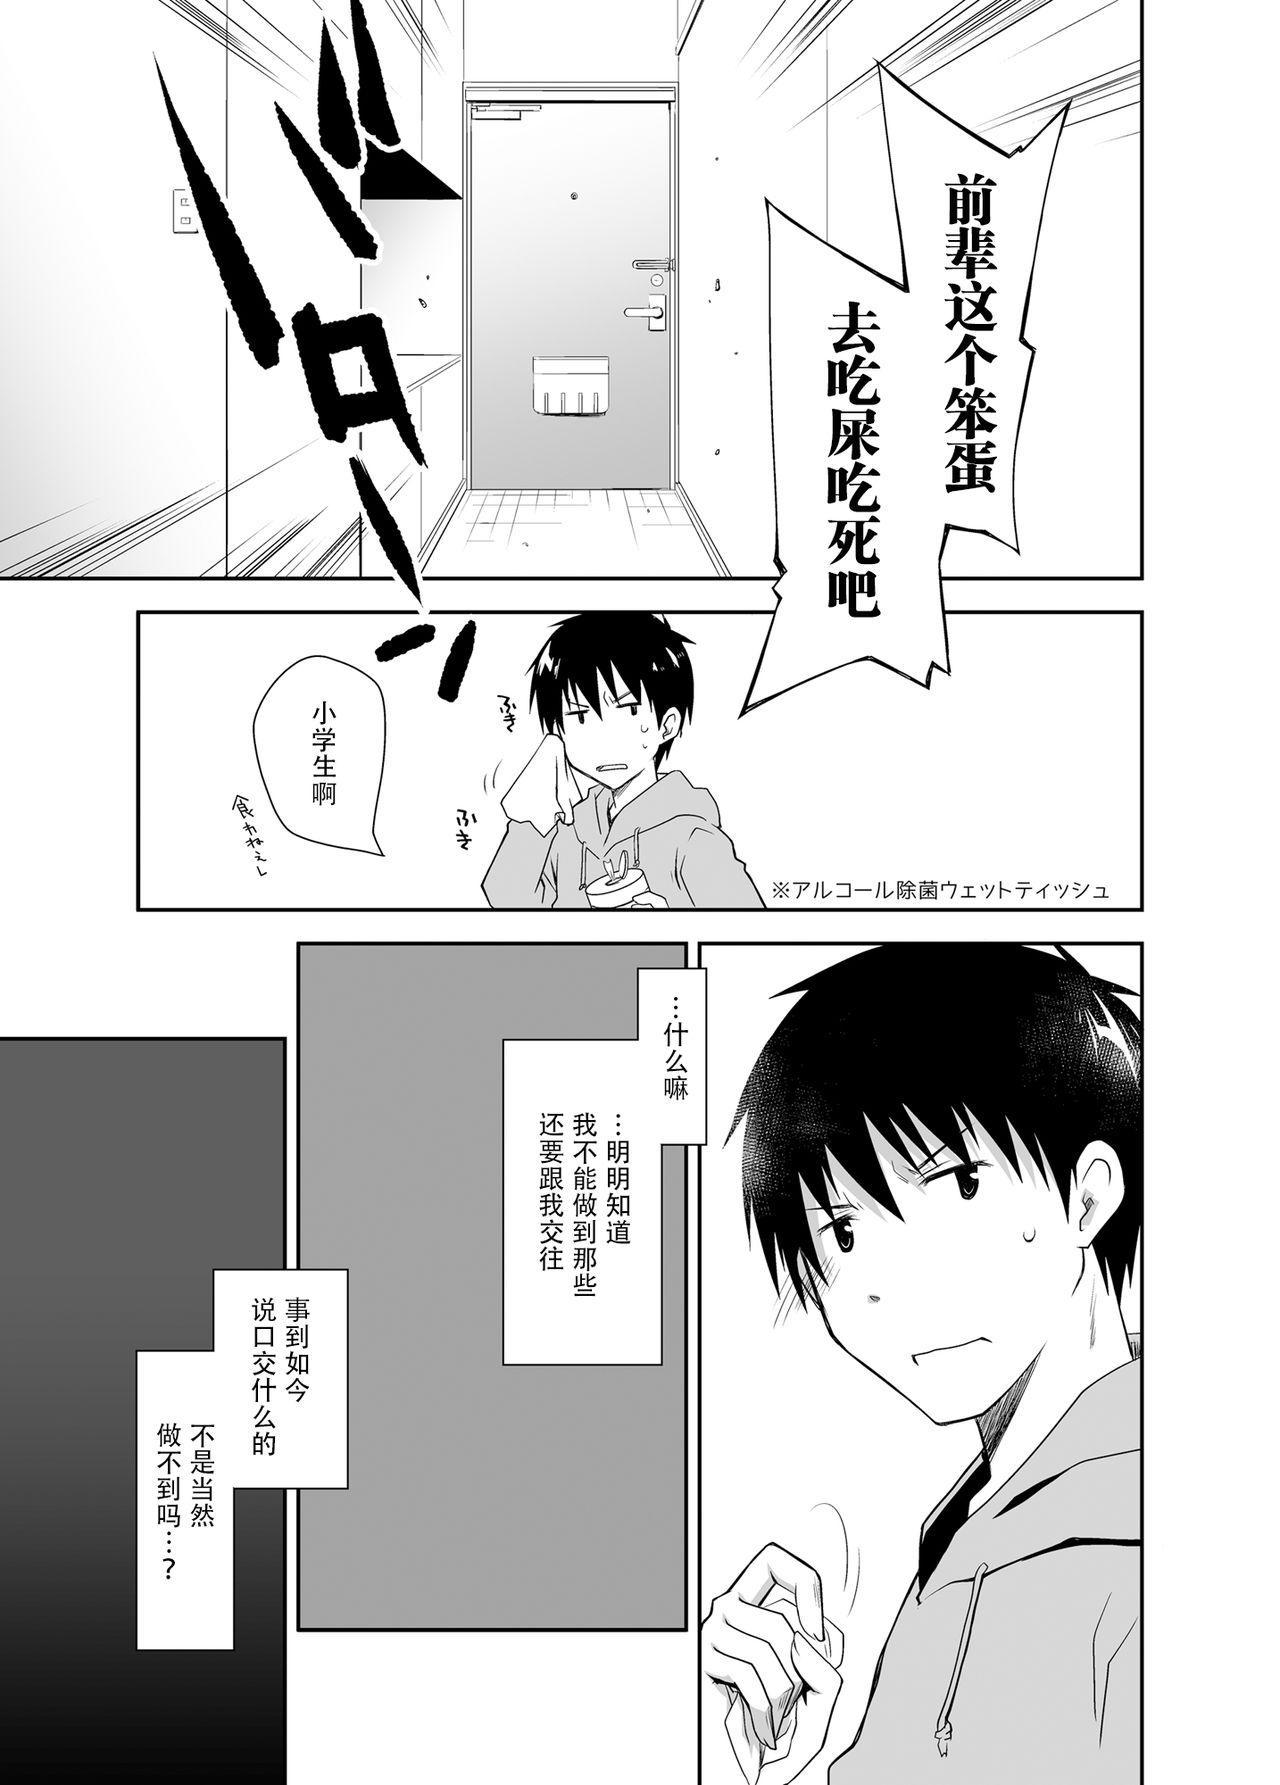 Oshikake Kanojo to Keppeki-kun 18